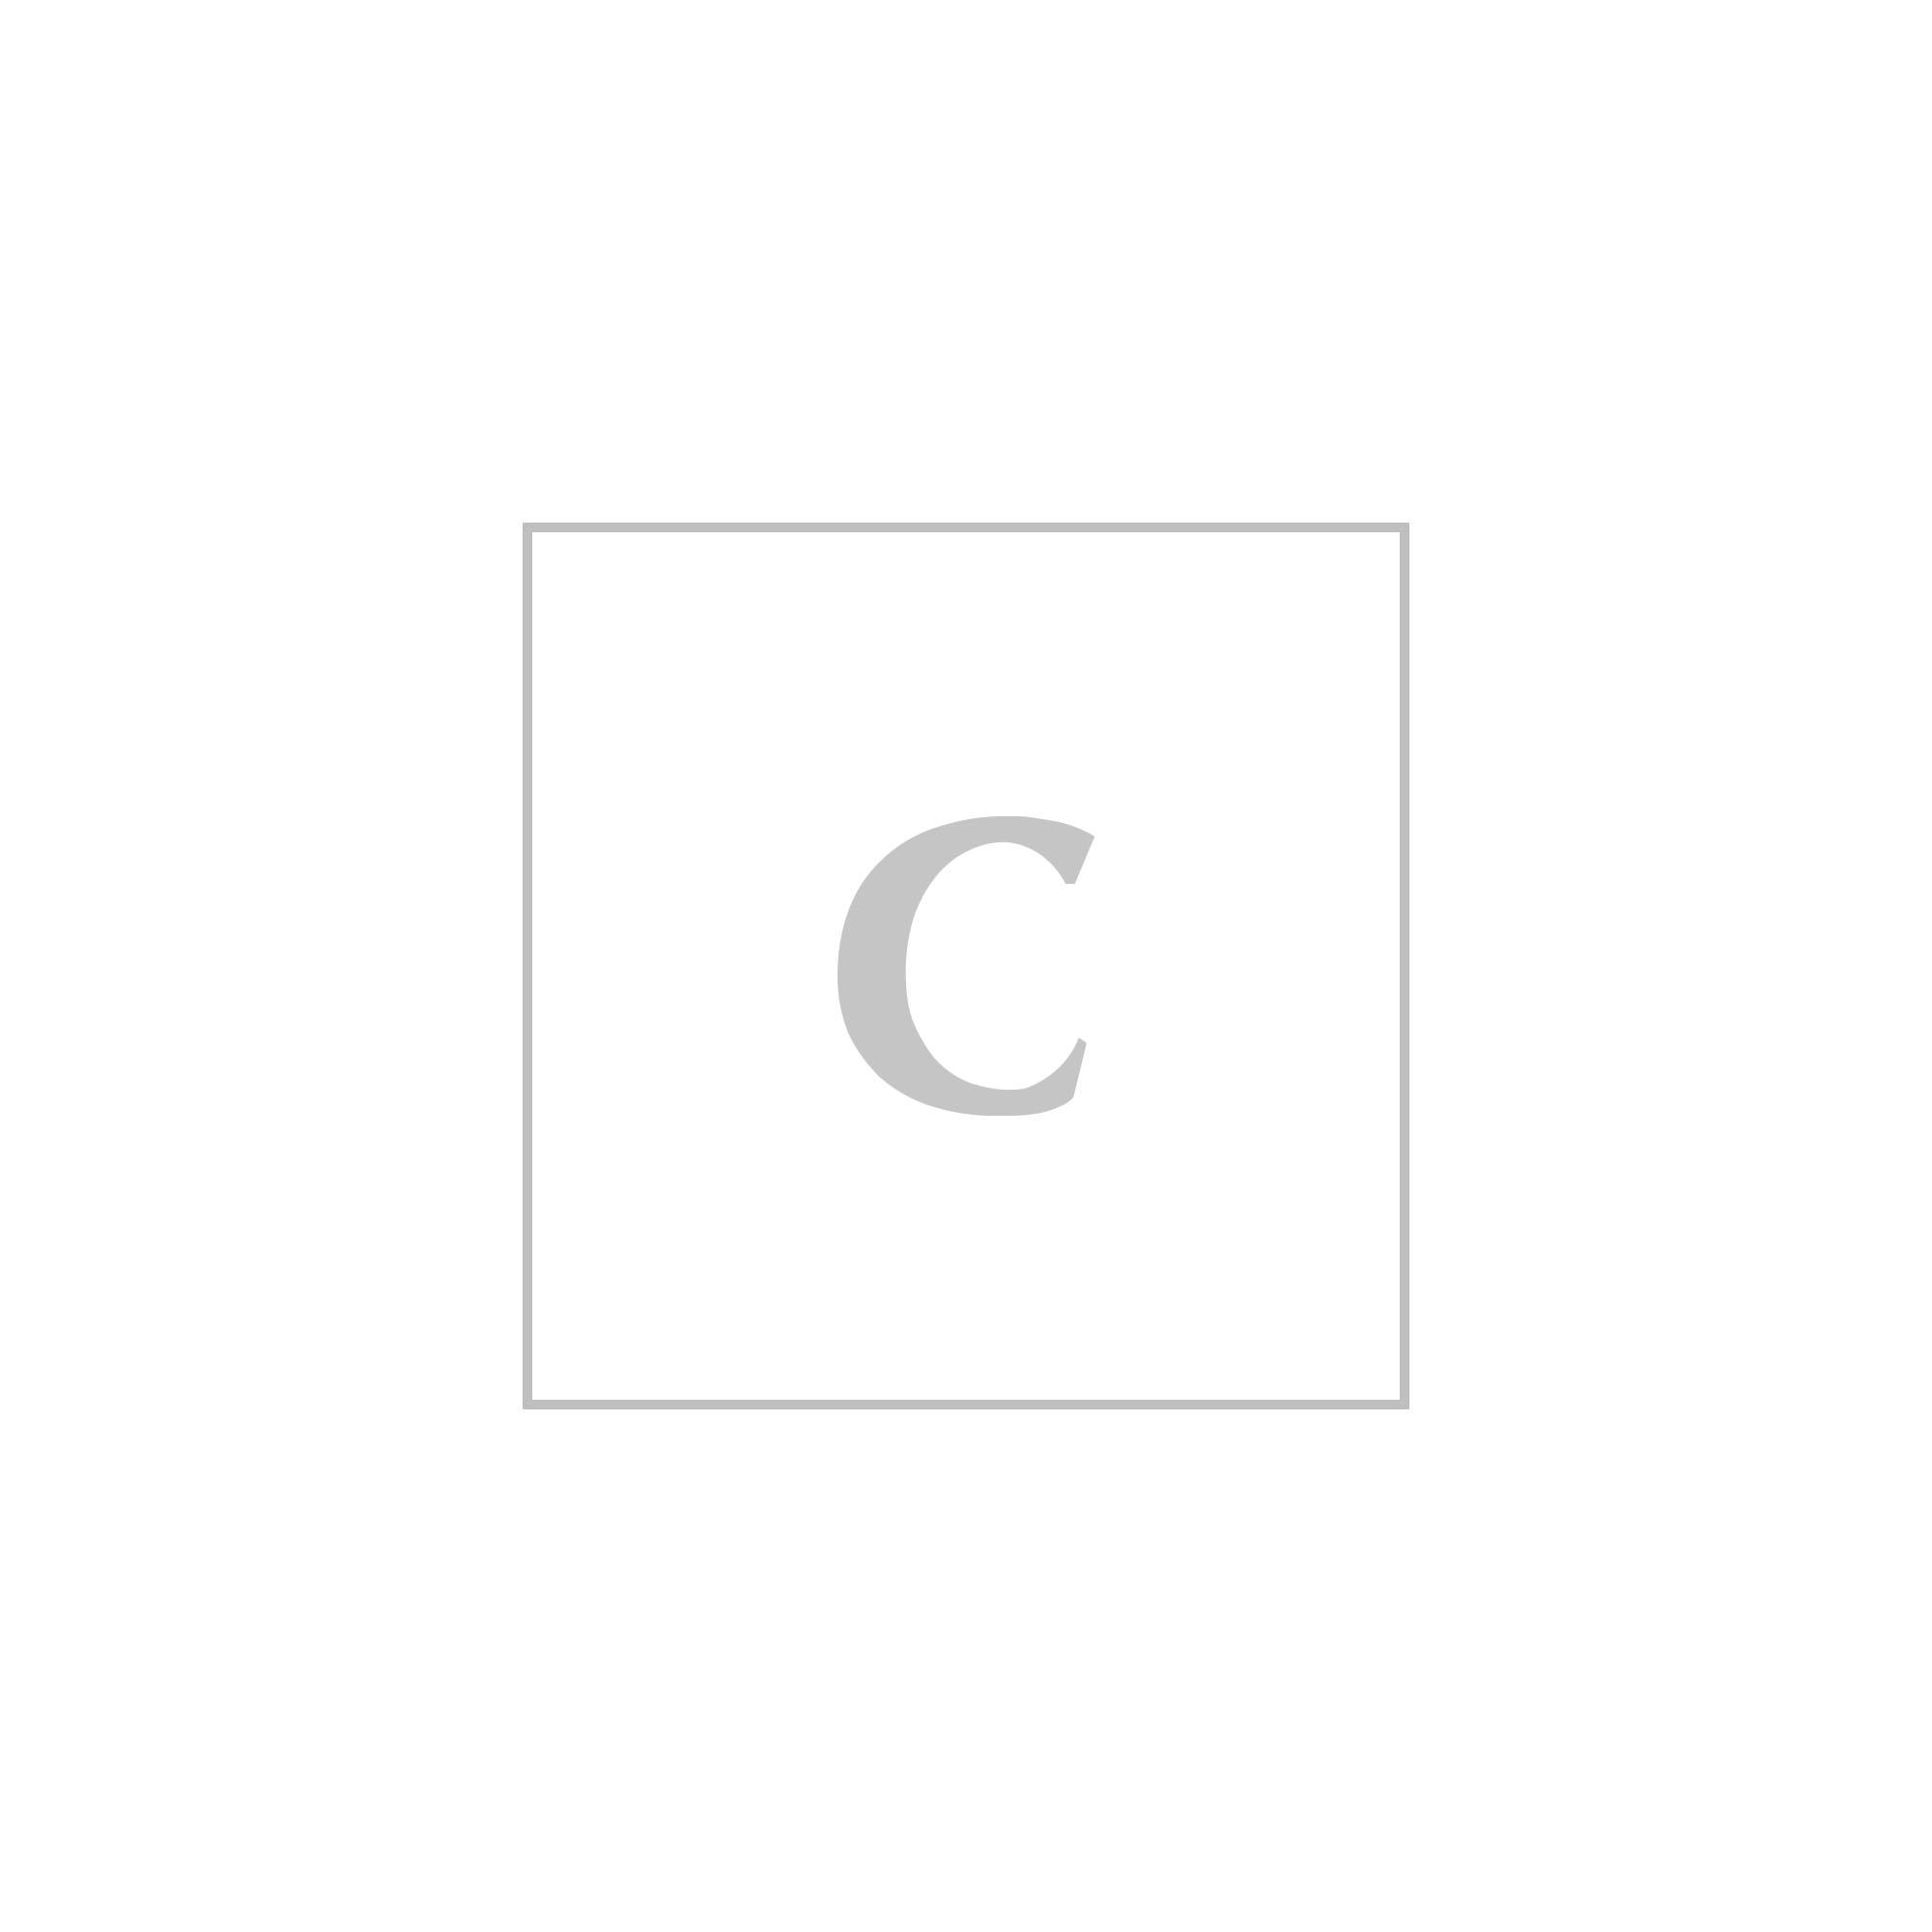 Saint laurent ysl borsa monogramme grain de poudre